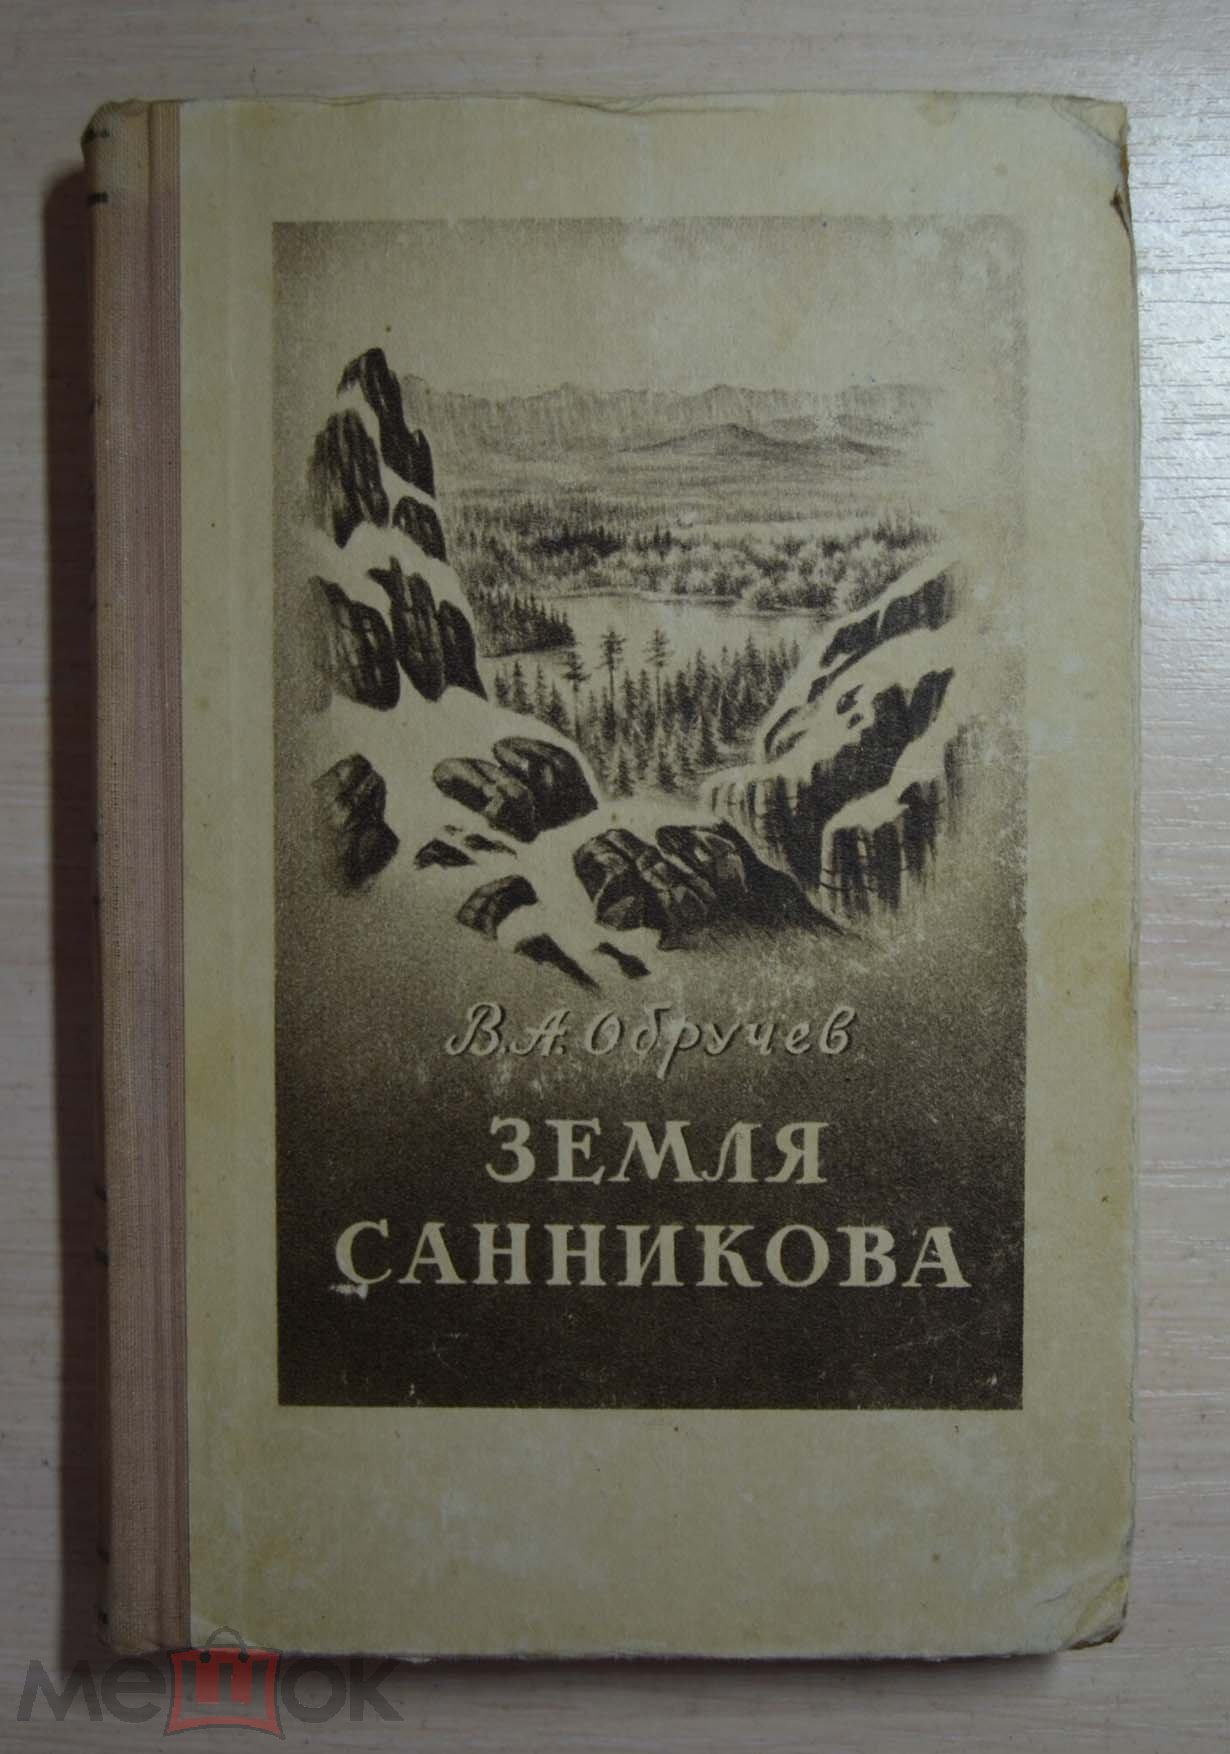 Обручев В. Земля Санникова, Географгиз 1951 г. (к-2-1)